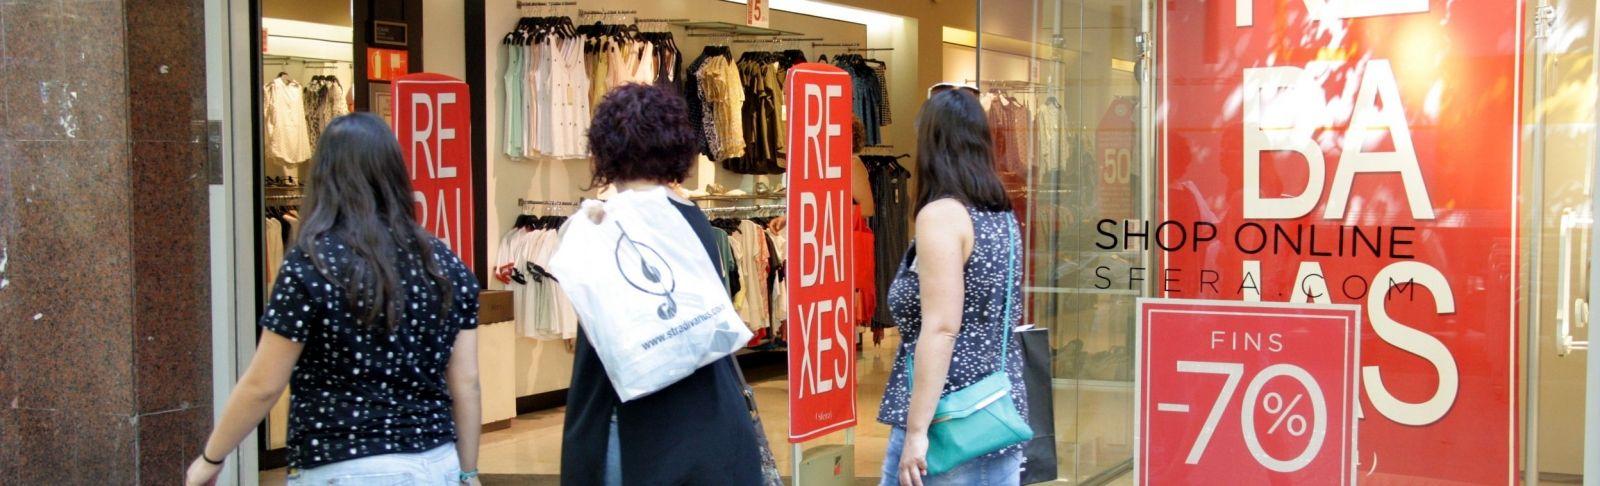 Tres dones amb bosses miren un aparador on hi ha els cartells que anuncien les rebaixes